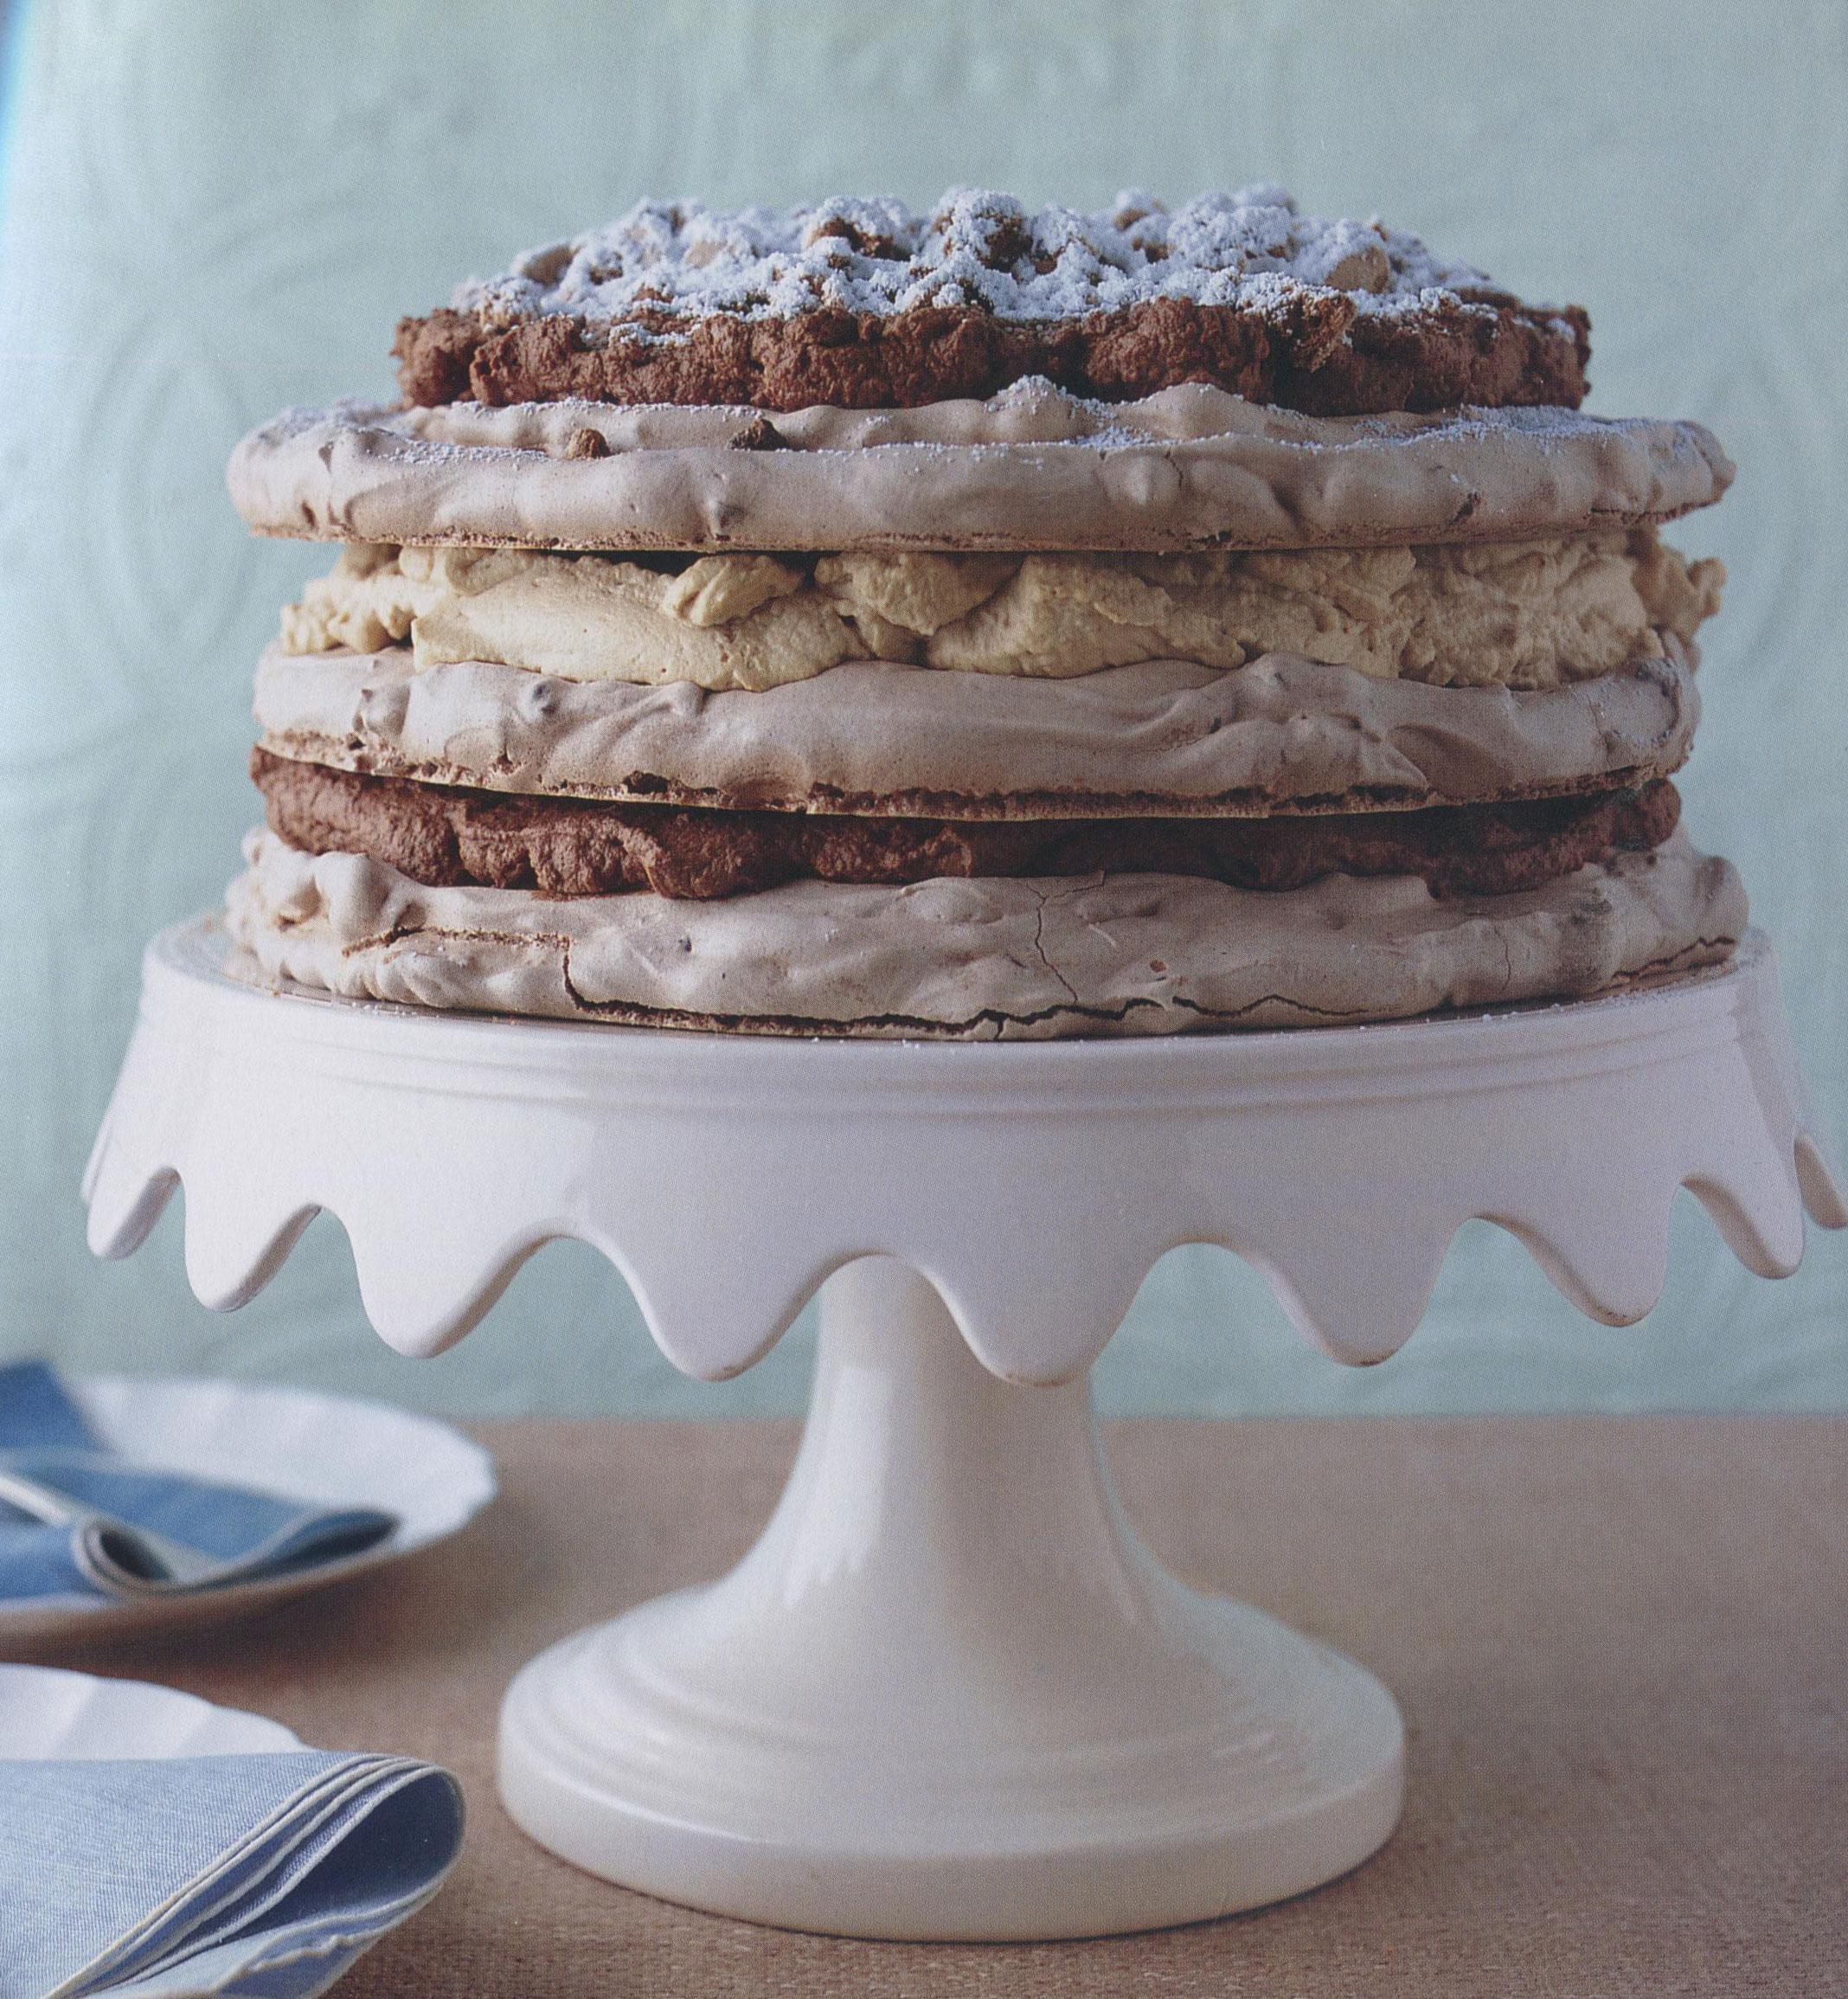 Mocha Chip Meringue Cake from Elinor Klivans